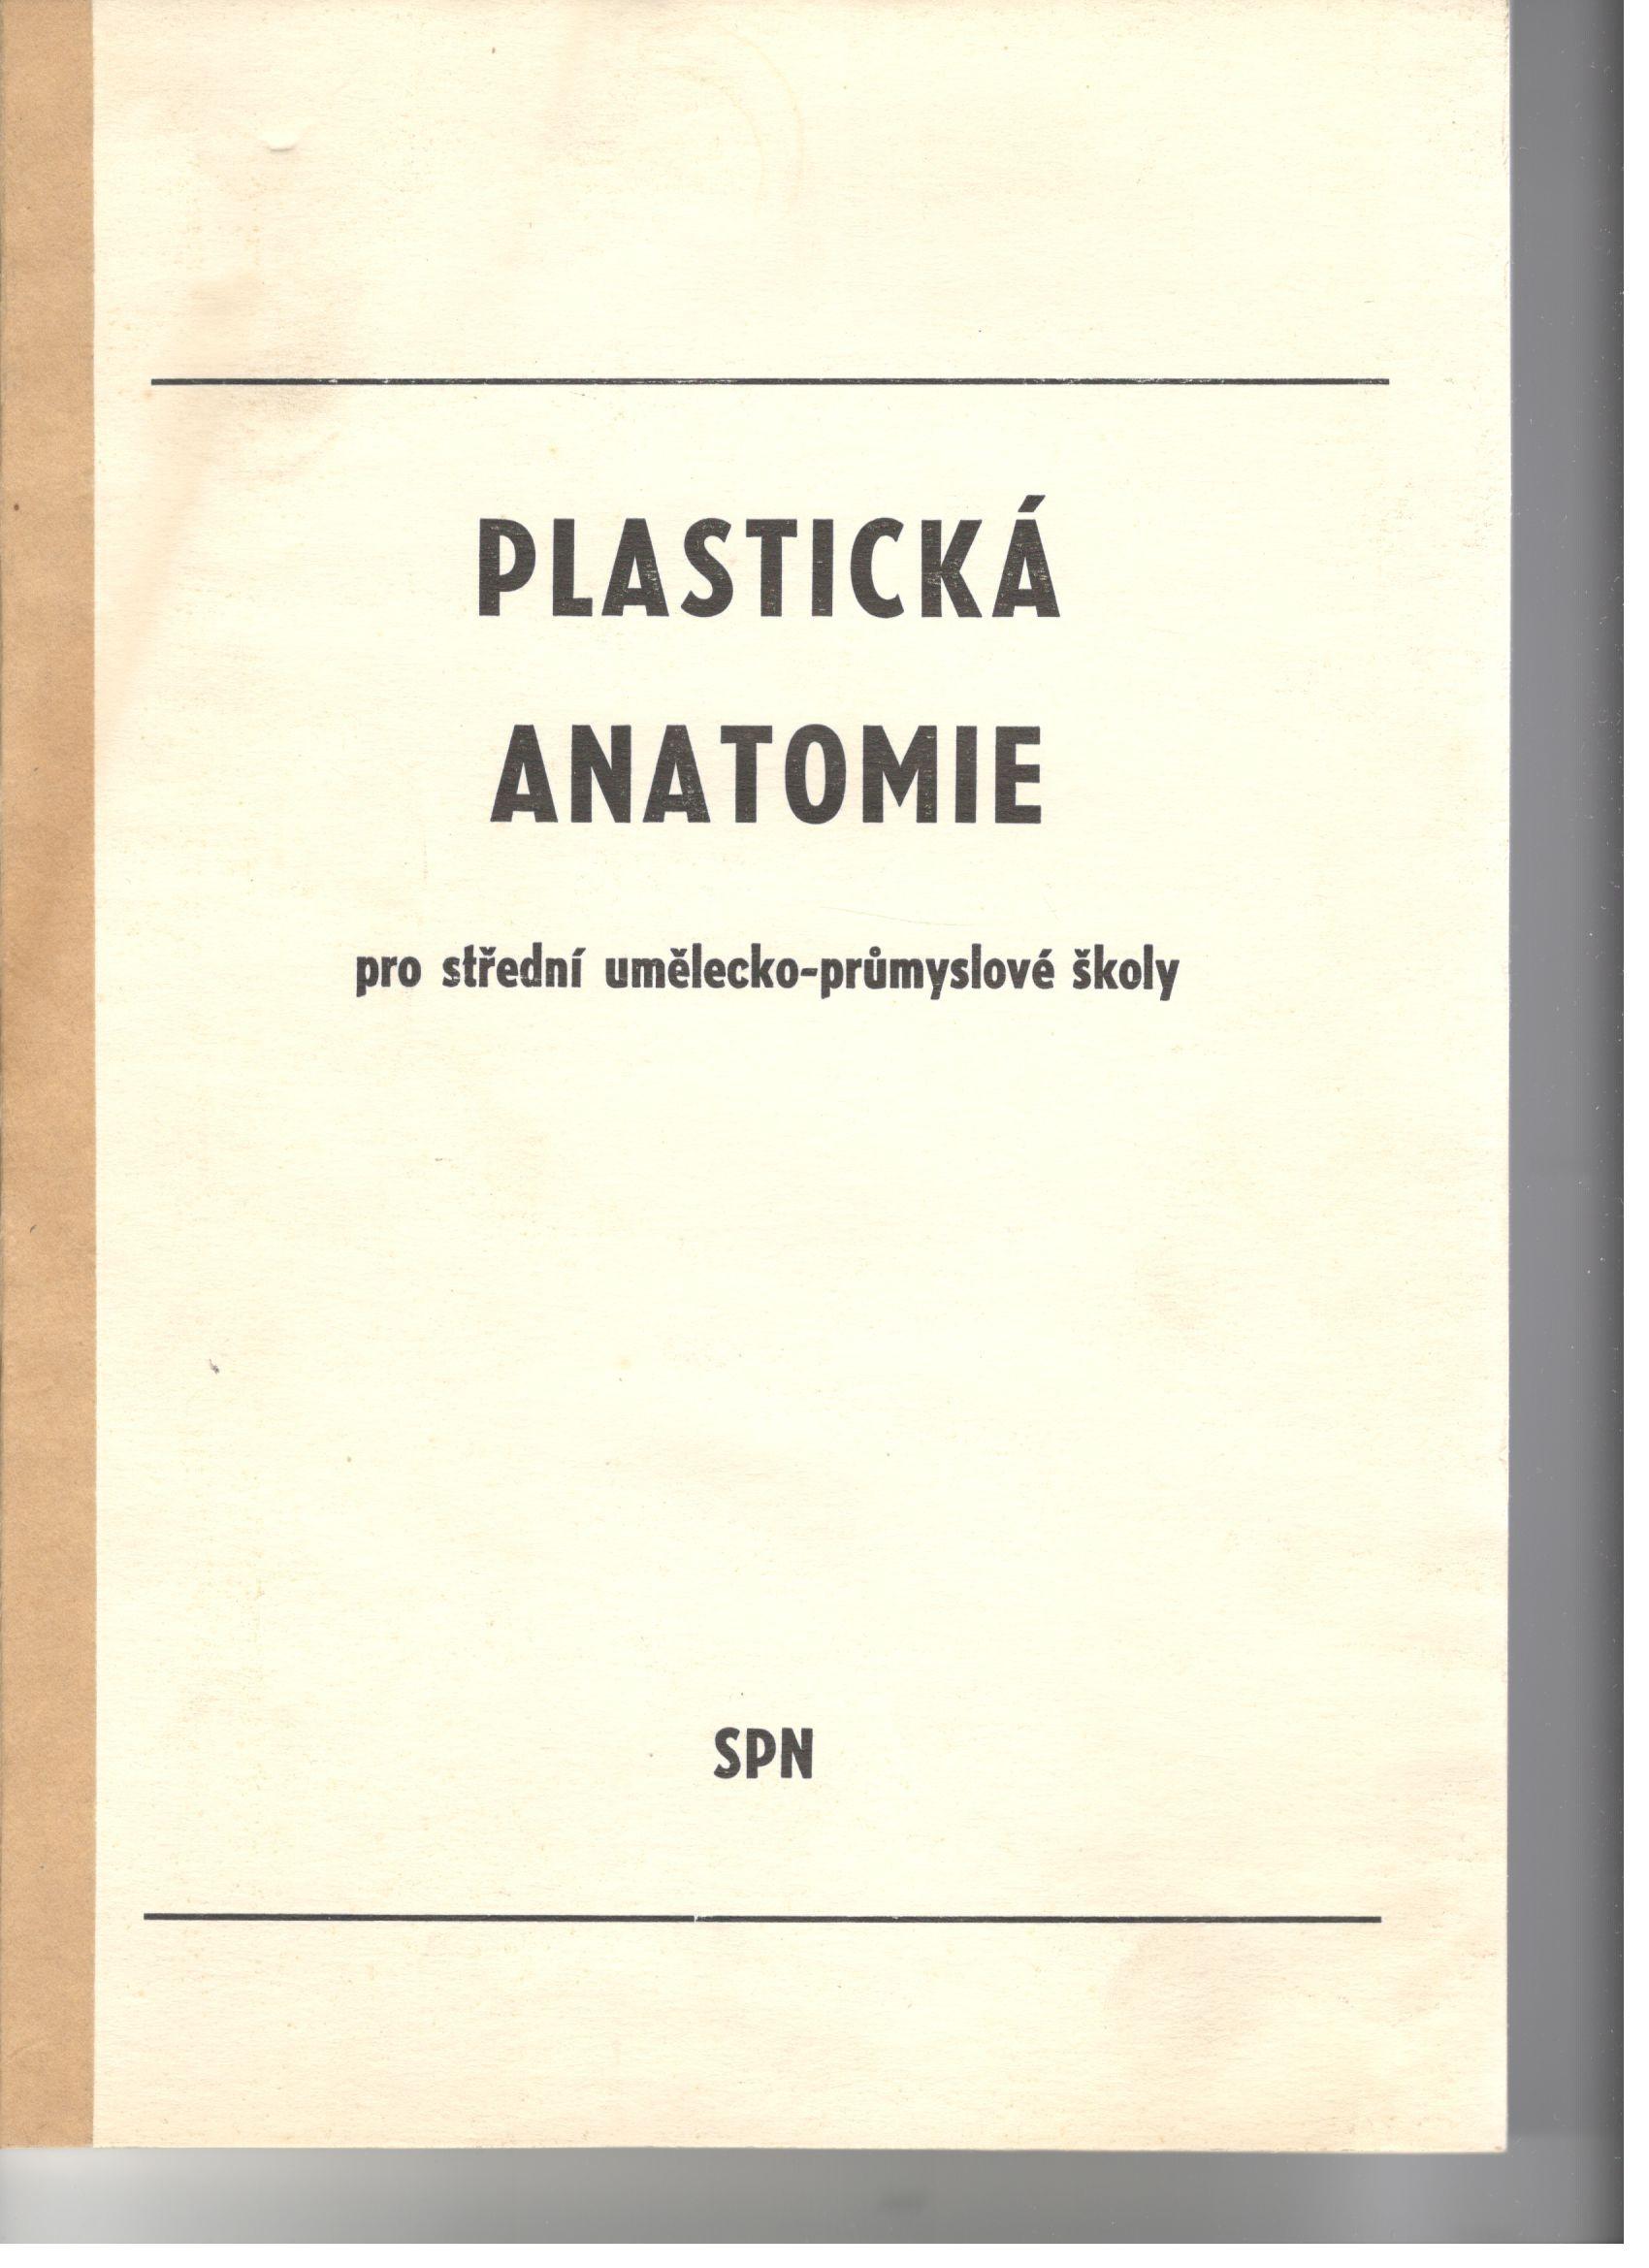 Plastická anatomie pro střední umělecko-průmyslové školy - Josef Kalfus